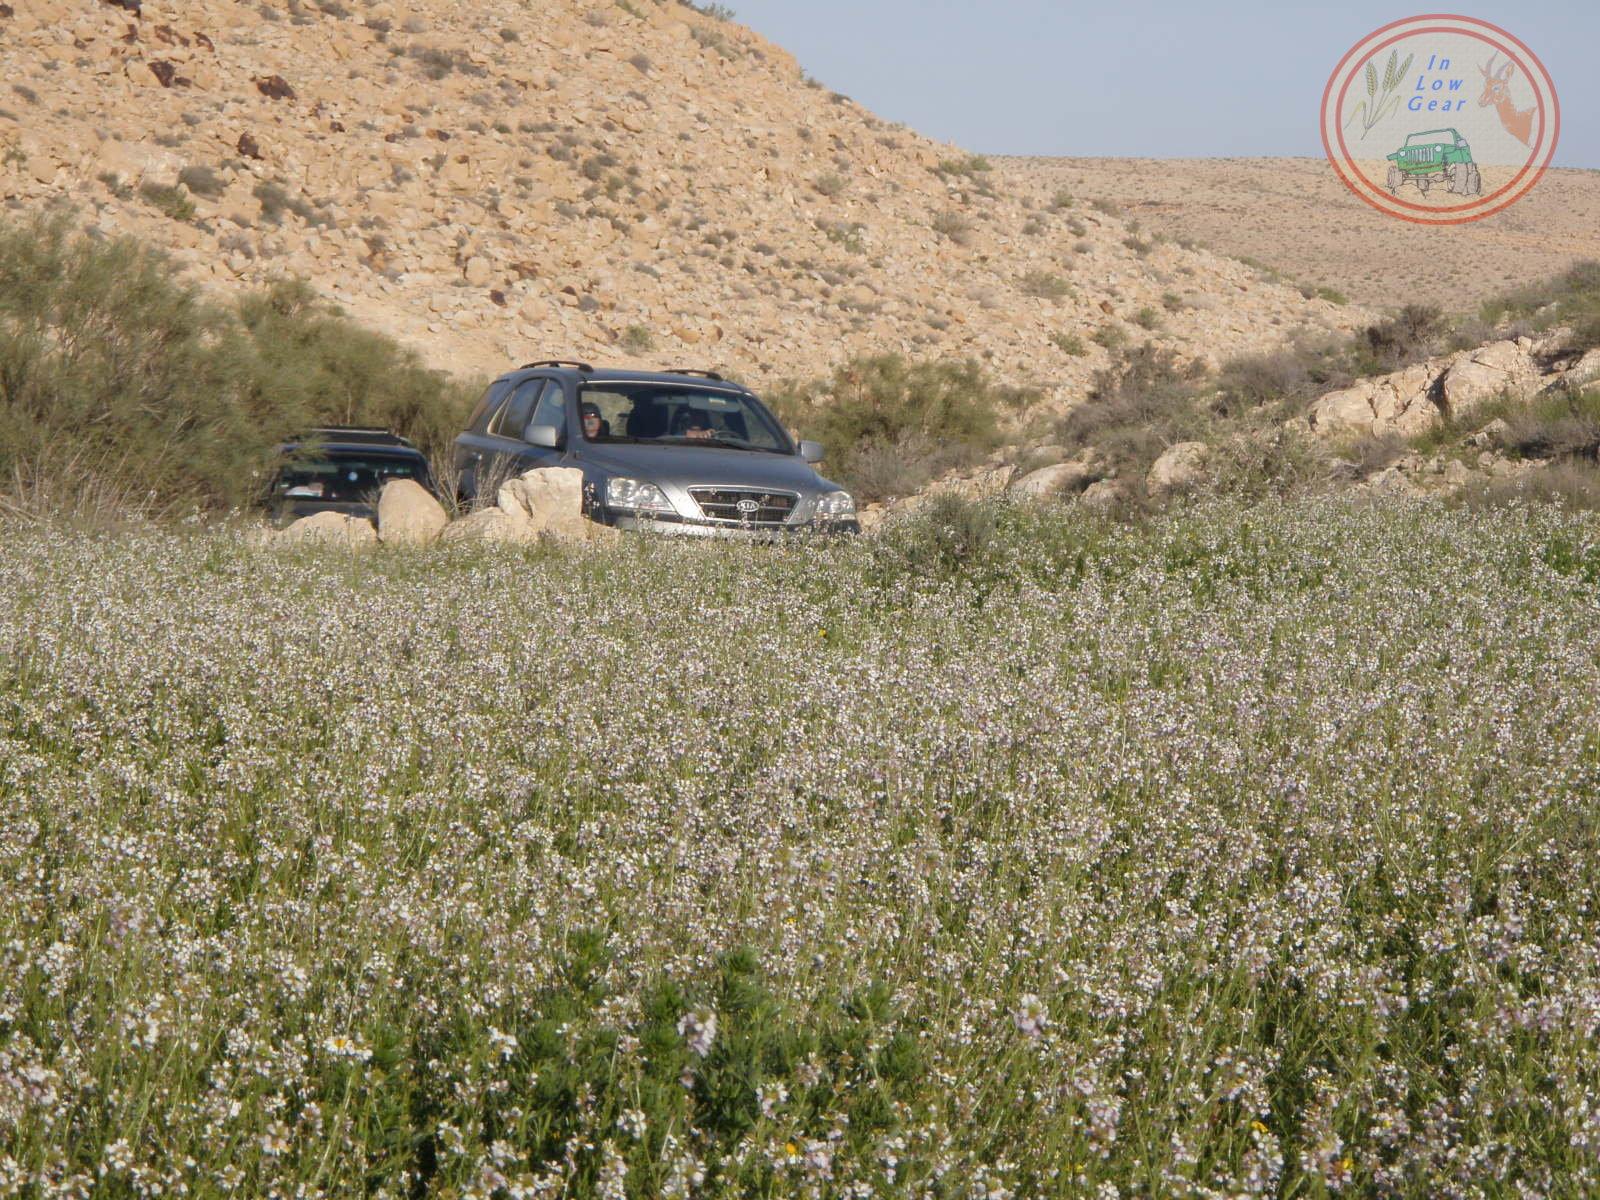 Har Hanegev flower bed jeep tours. שדה פרחים בהר הנגב טיולי ג'יפים